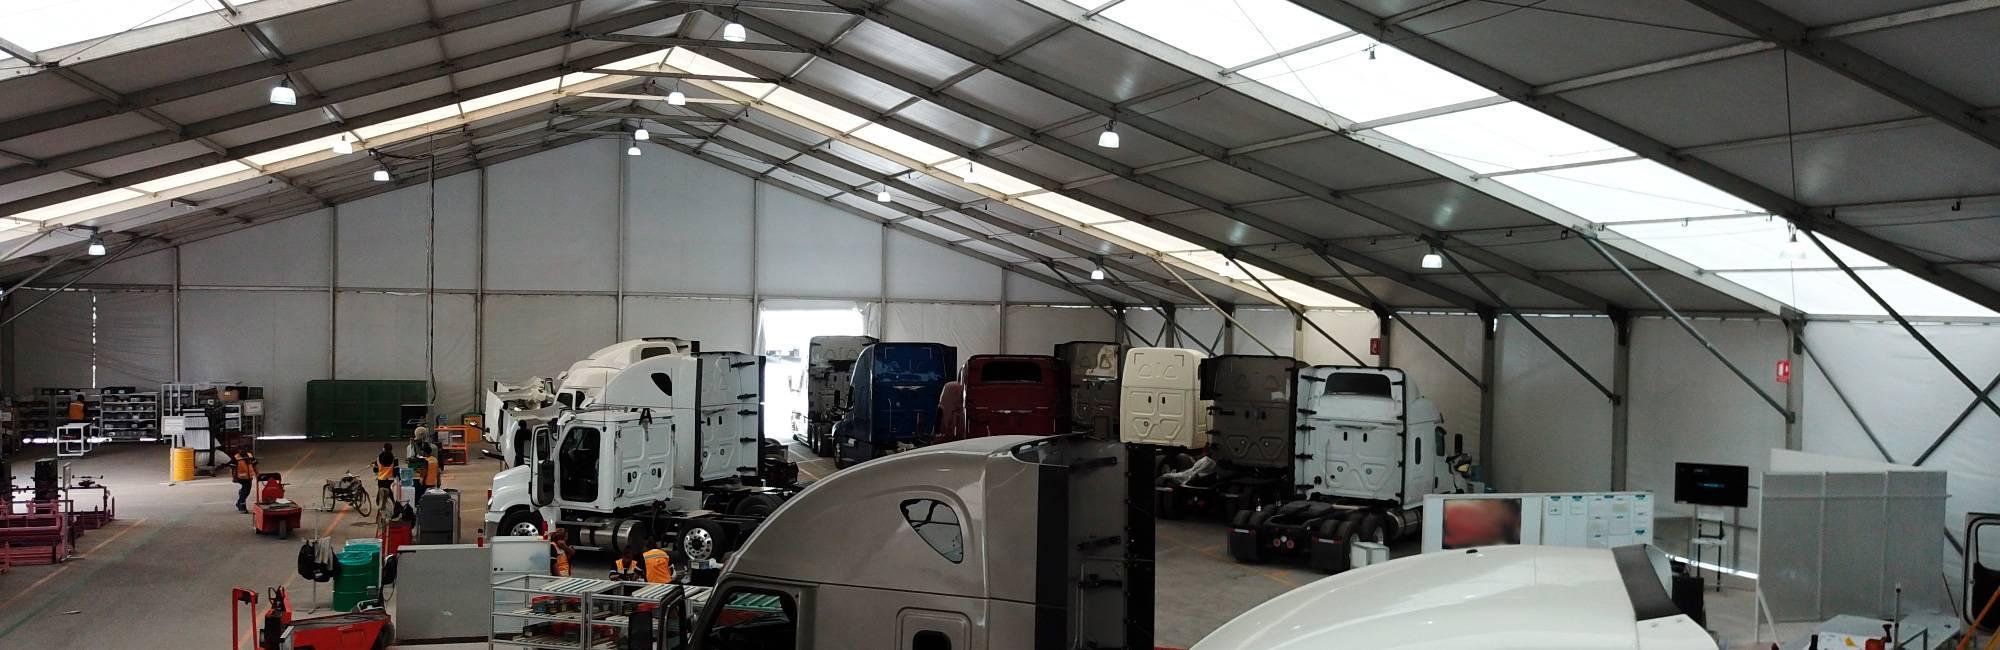 almacen temporal para trailer, almacen temporal para automoviles